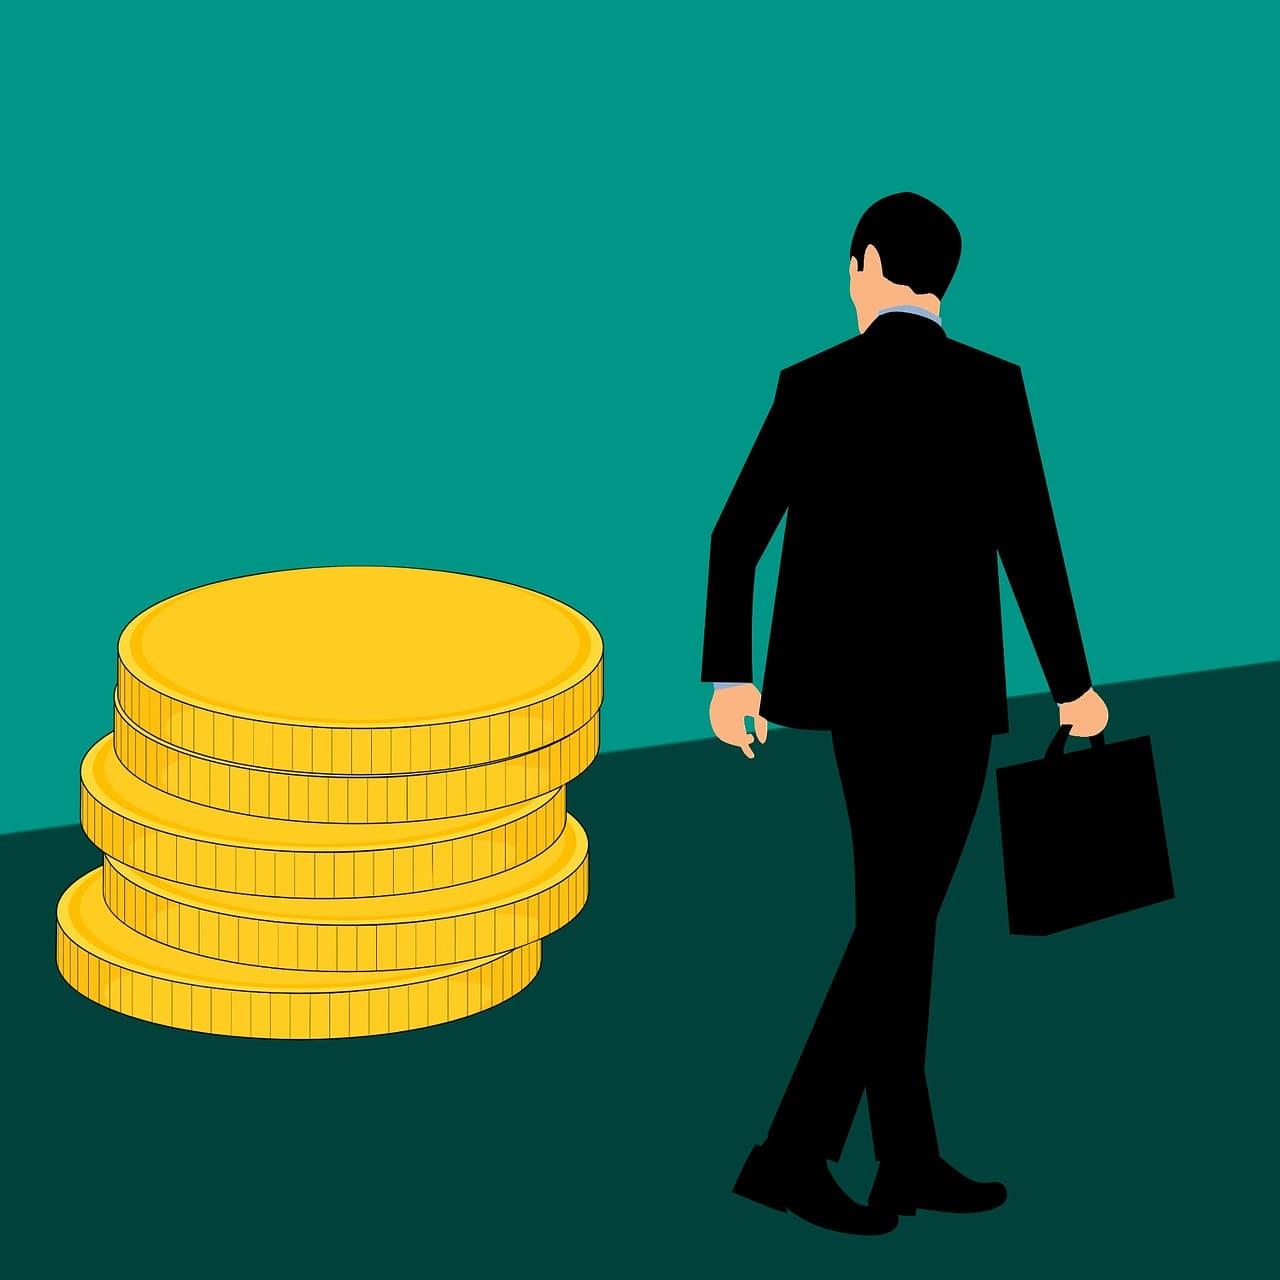 ライザップ会員費の支払い方法